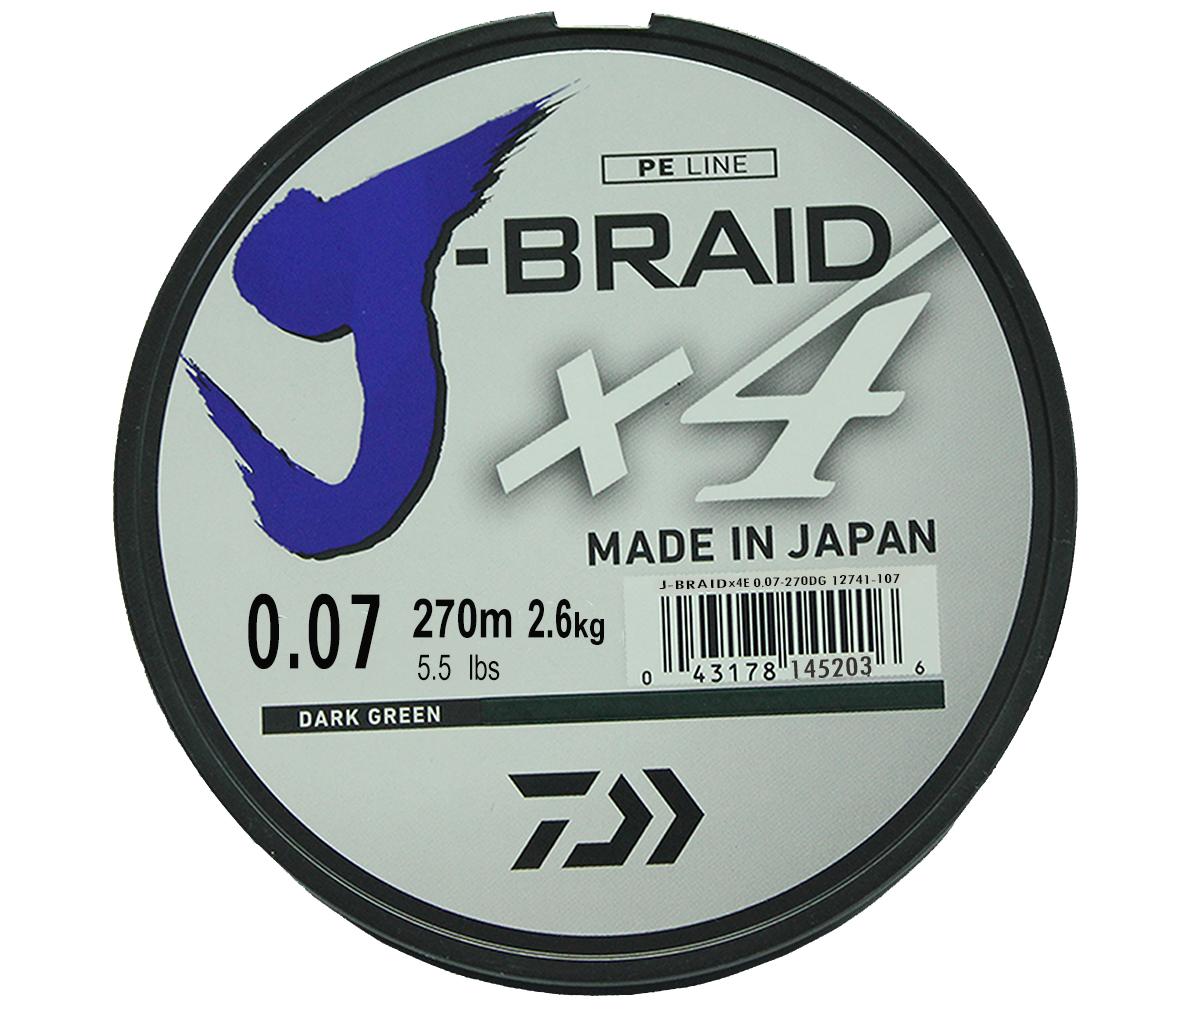 Шнур плетеный Daiwa J-Braid X4, цвет: зеленый, 270 м, 0,07 мм4271825Новый 4х жильный шнур J-Braid, DAIWA - шнур высокого класса с удивительным соотношением цены и качества. Качество плетения полностьюсоответствует японским стандартам и удовлетворяет всем требованиям. Представленные диаметры позволяют использовать шнур для всех техникловли, начиная от ultra- light ловли окуня, до морской ловли палтуса, трески и т.д